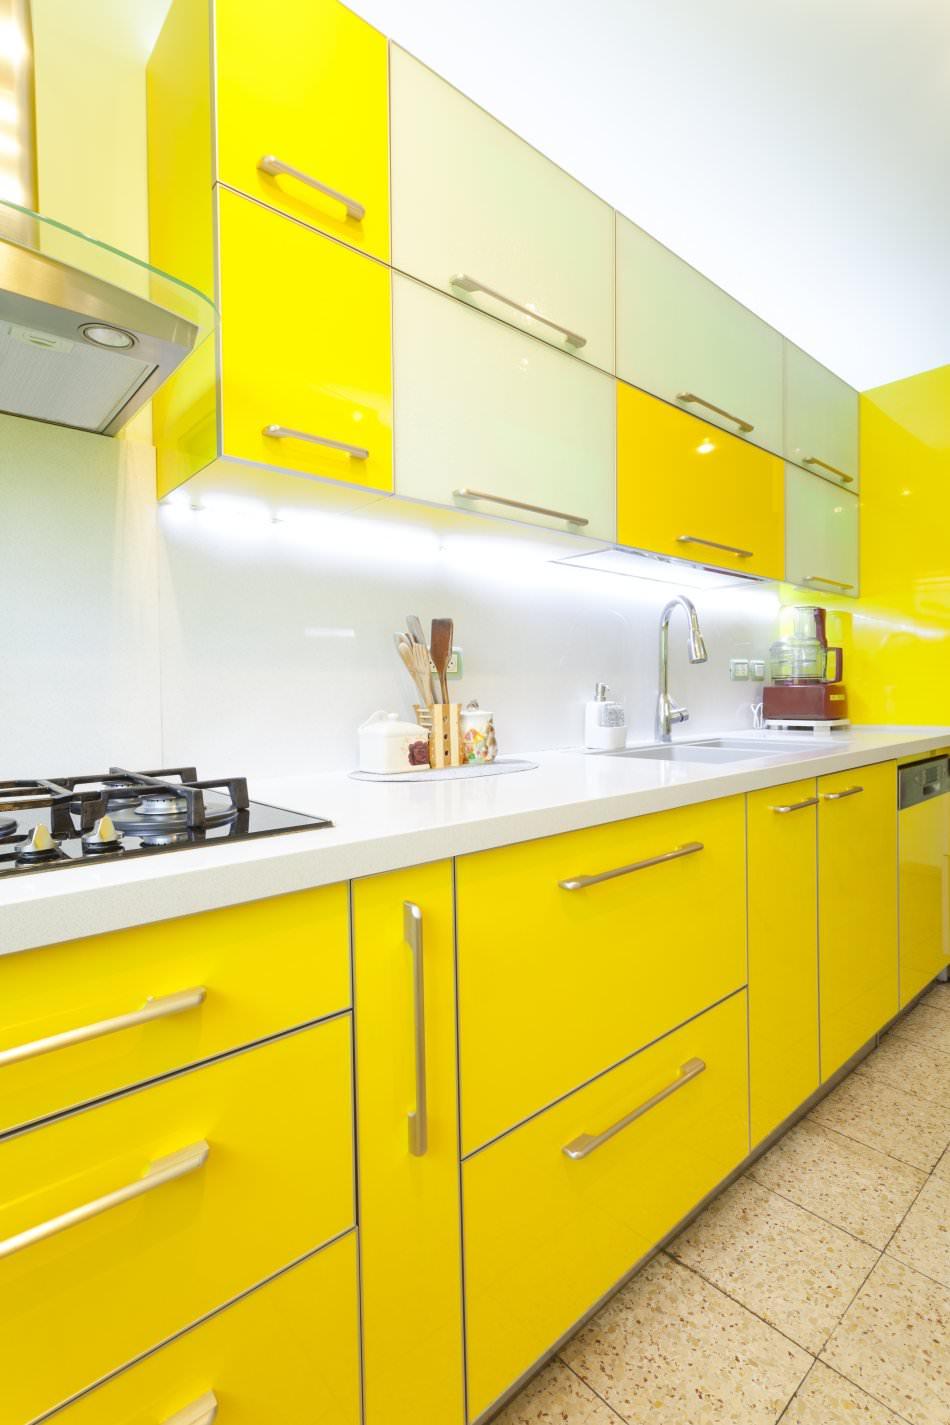 RAL 1026 Luminous Yellow - High Gloss